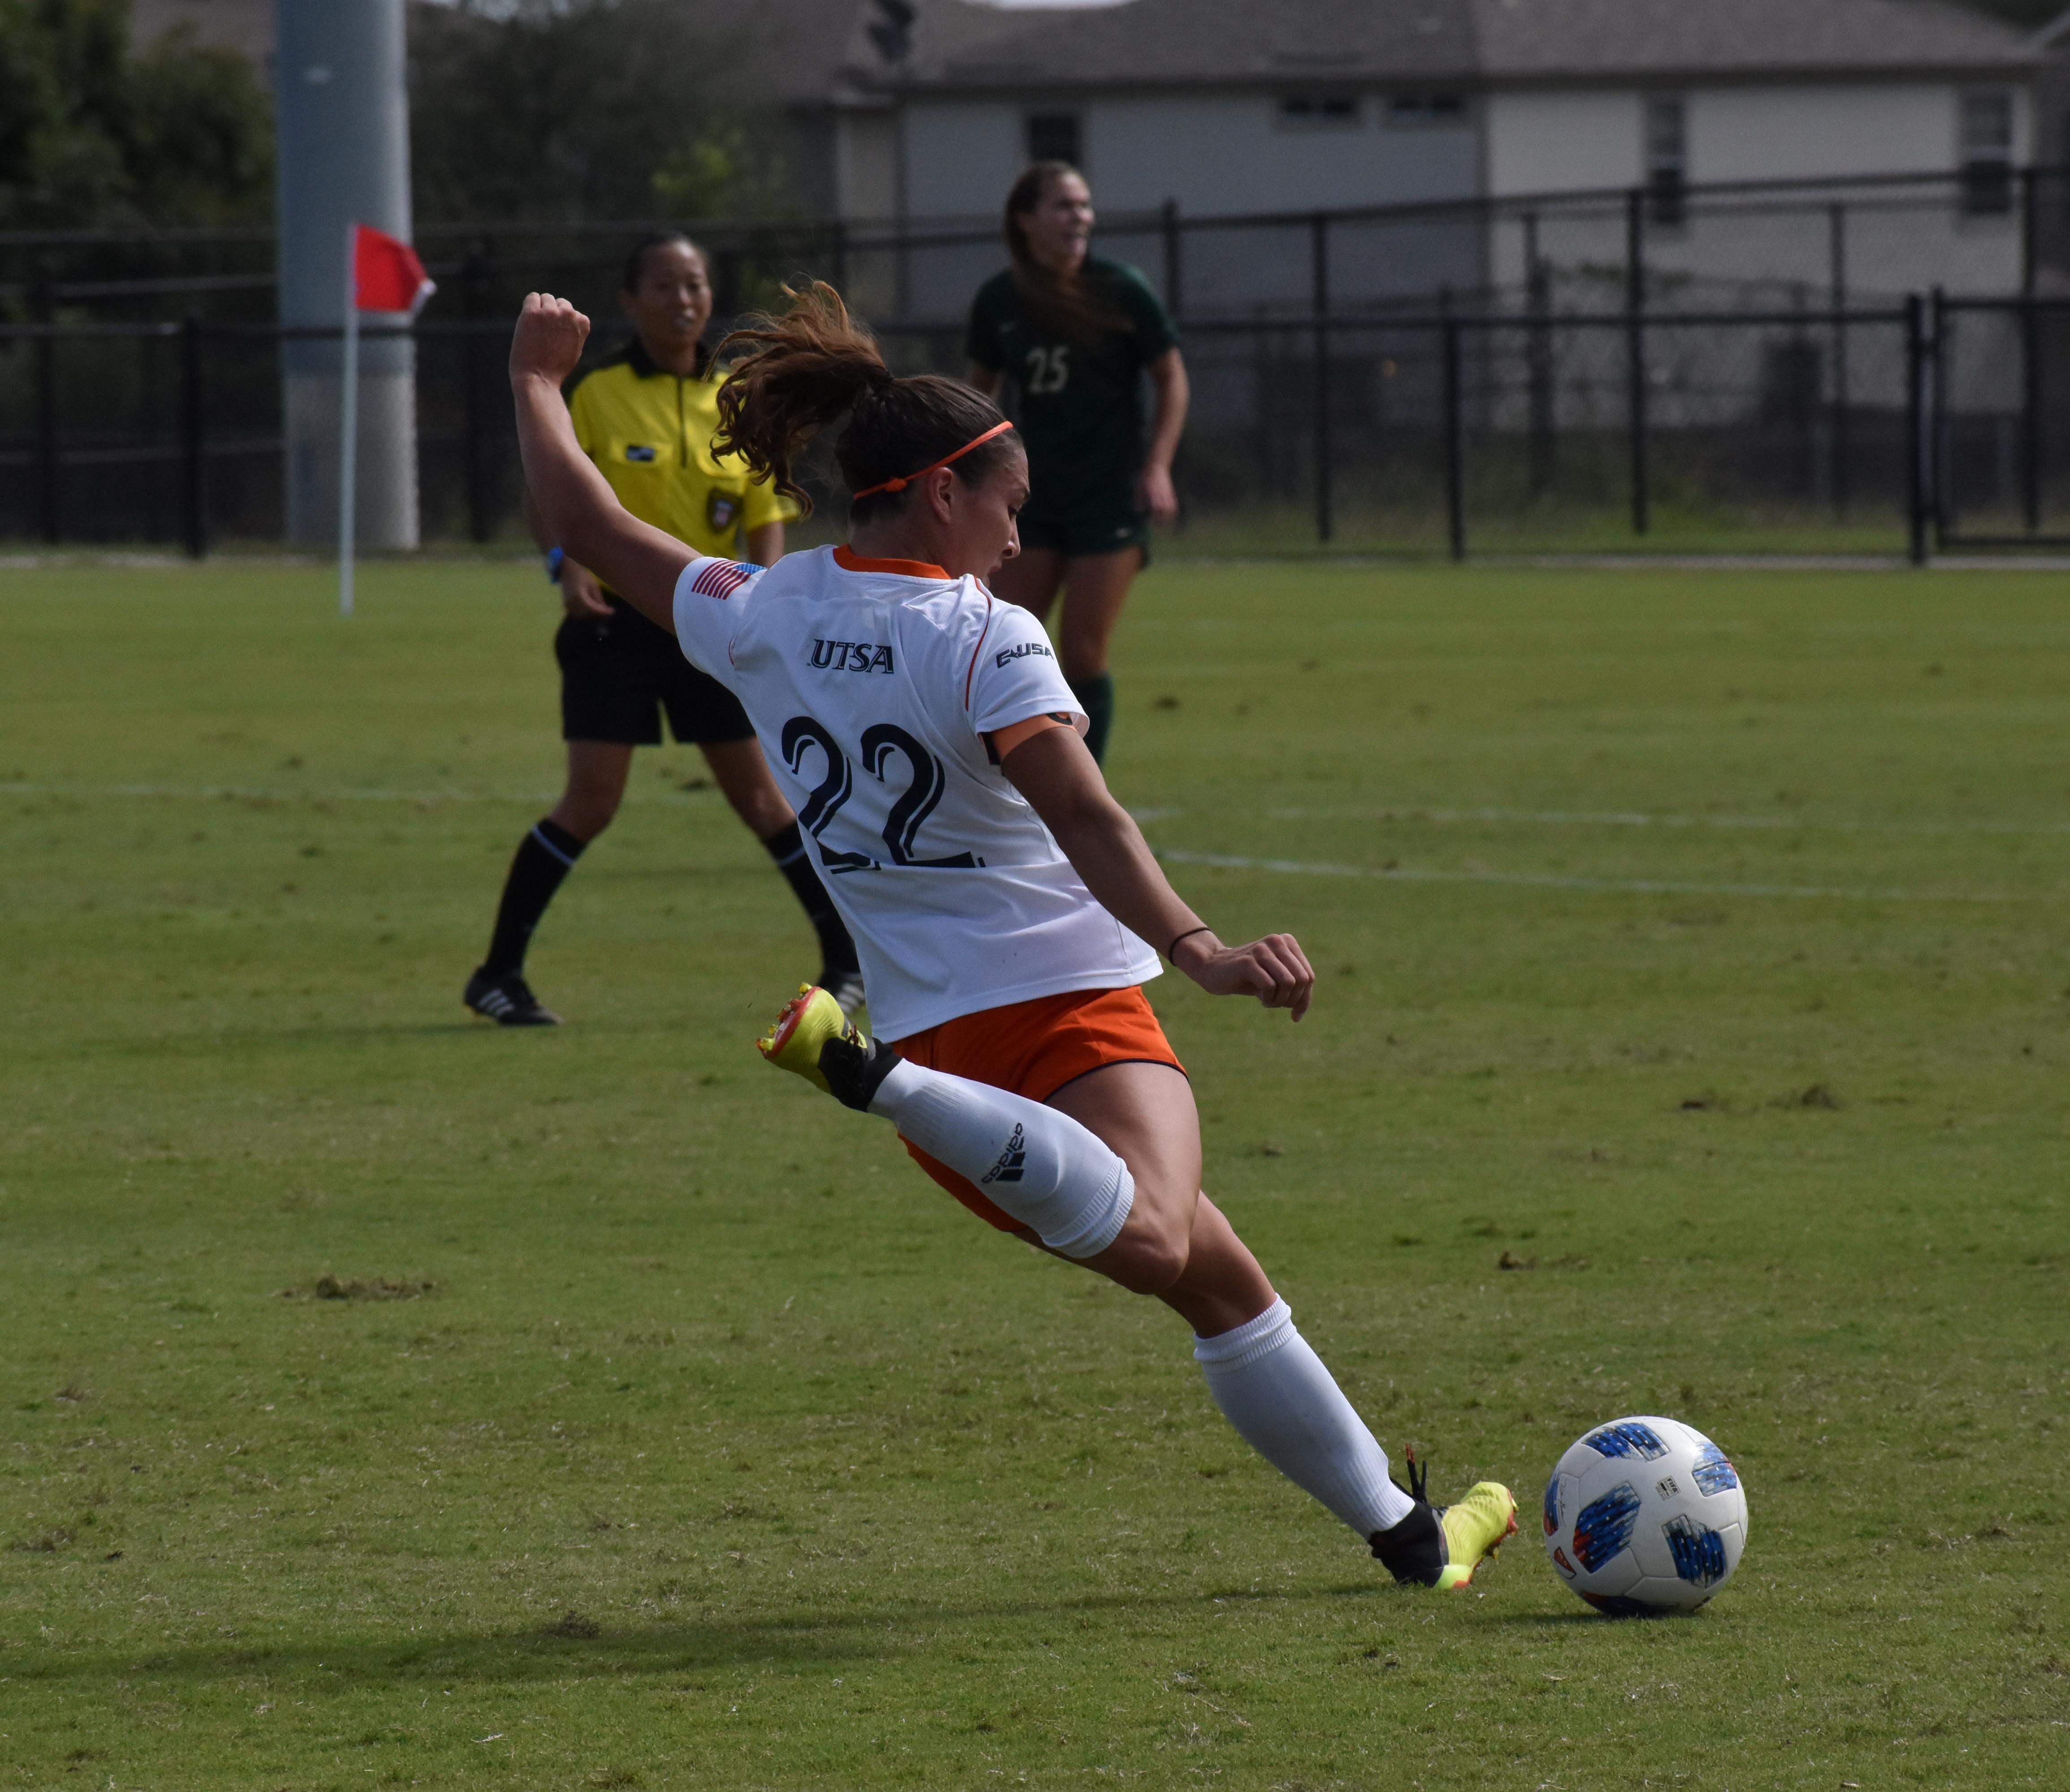 Sarah Bayhi about to kick a ball.